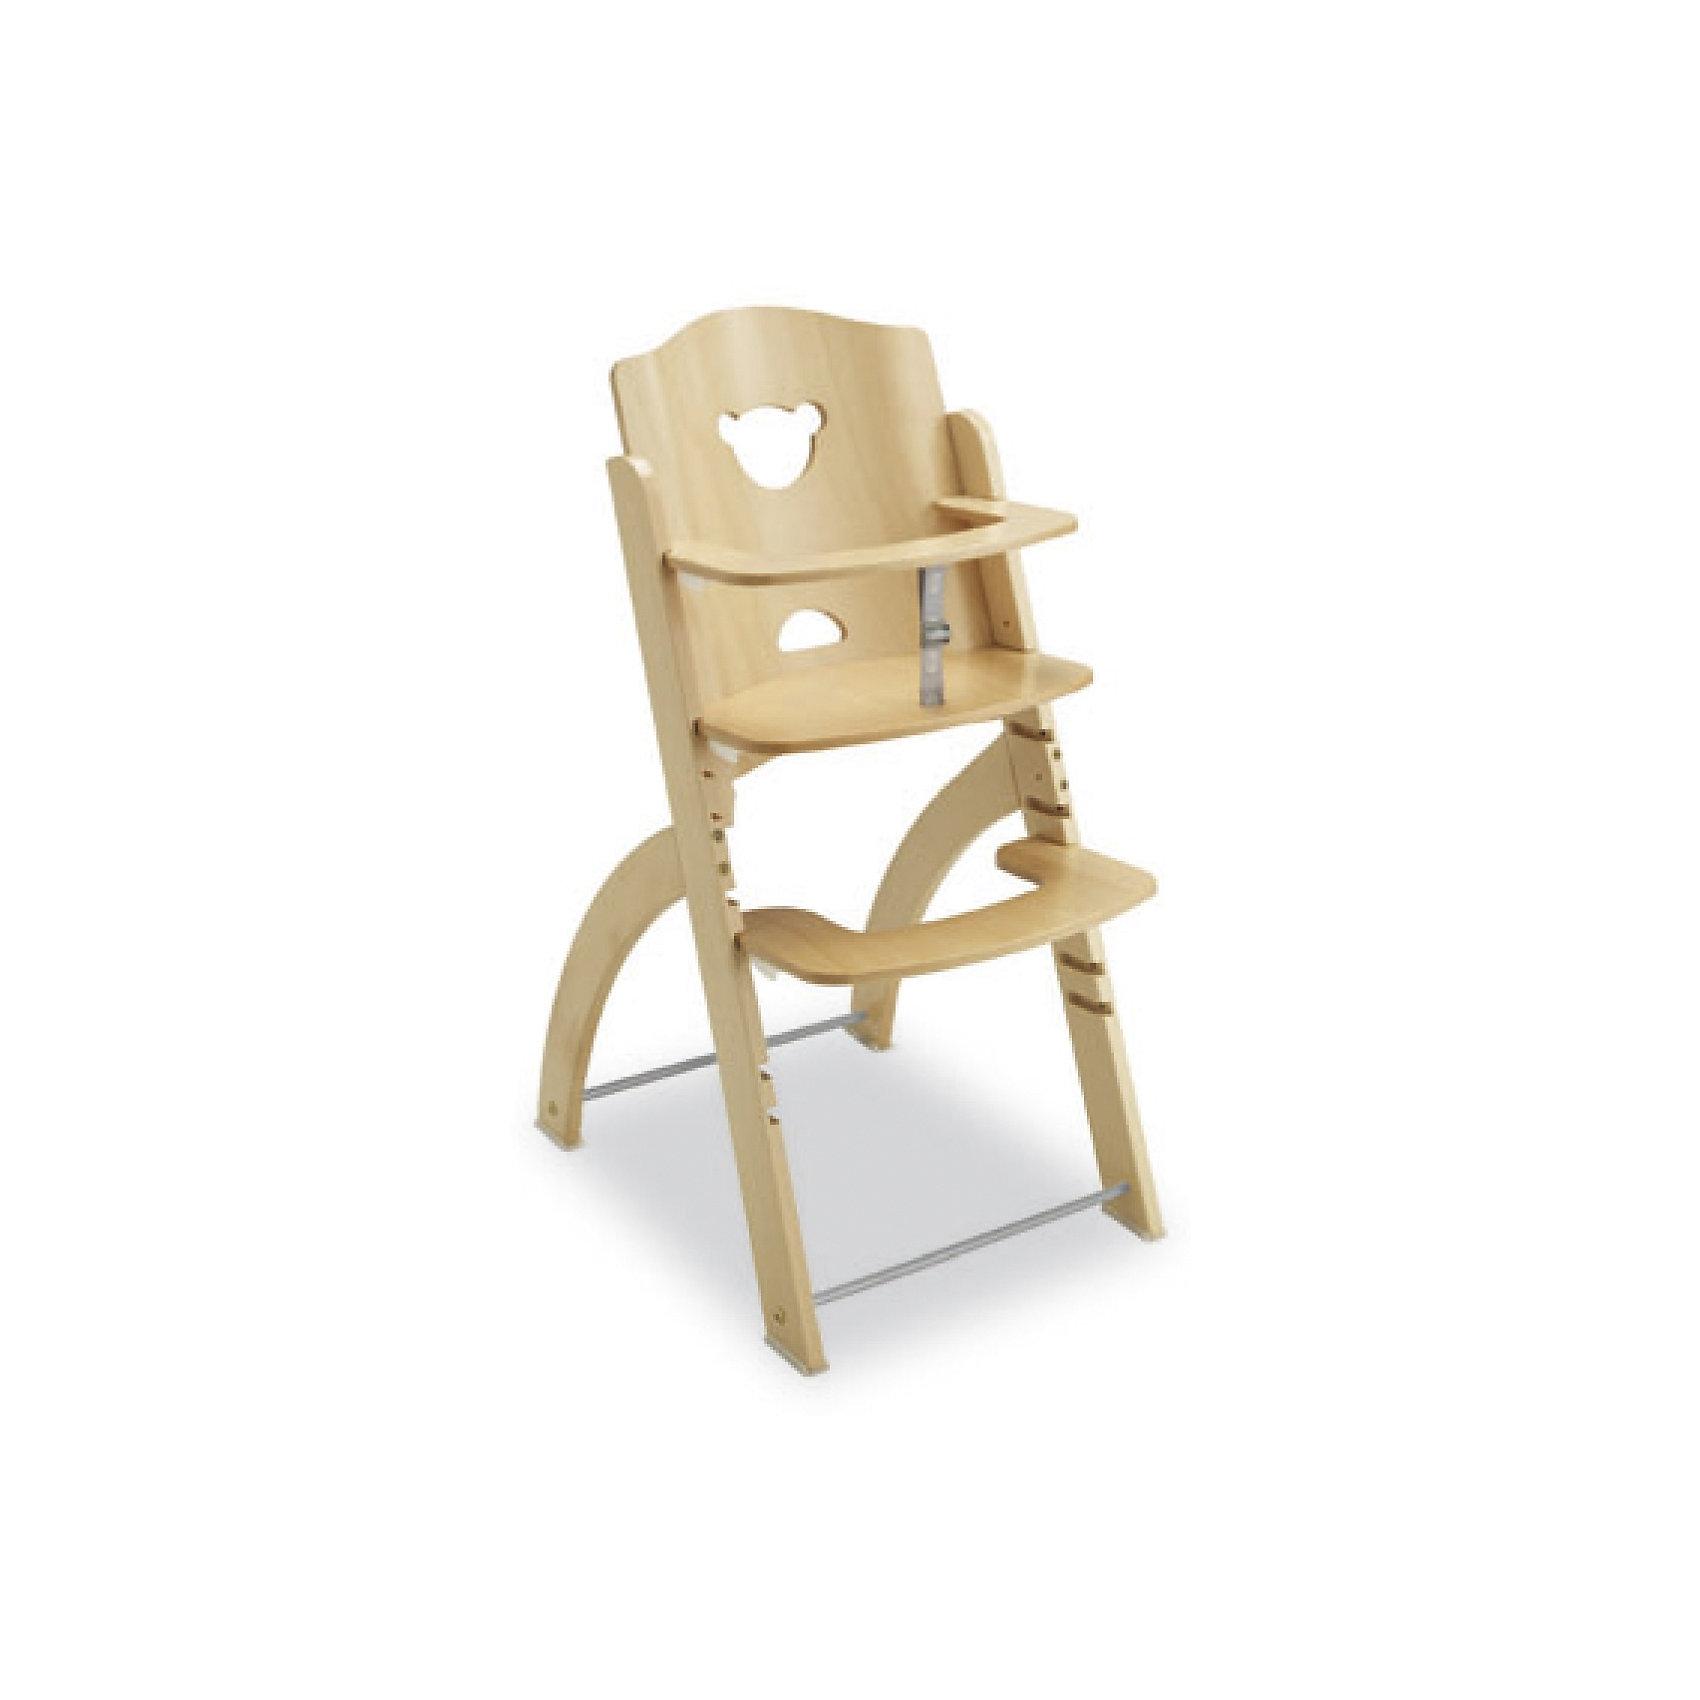 Стульчик для кормления Pappy-Re, Pali, натуральныйСтульчик для кормления изготовлен из натурального дерева, с использованием безопасных, экологичных красителей. Он очень удобный и практичный. Изделие легко моется влажной губкой, настройки стульчика осуществляются перестановкой плоскости сиденья и подножки на нужную высоту. Это сделать достаточно легко, благодаря специальным фиксаторам. Конструкция стульчика гарантирует правильное положение позвоночника, что способствует формированию правильной осанки ребёнка. <br><br>Дополнительная информация:<br><br>- Материал: дерево (бук).<br>- Размер сиденья: 44х56.<br>- Высота стула: 88 см.<br>- Сиденье, подножка регулируются по высоте. <br>- Цвет: дерево.<br><br>Стульчик для кормления Pappy-Re (Паппи-Рэ), Pali (Пали), натуральный, можно купить в нашем магазине.<br><br>Ширина мм: 1040<br>Глубина мм: 480<br>Высота мм: 120<br>Вес г: 8800<br>Возраст от месяцев: 6<br>Возраст до месяцев: 36<br>Пол: Унисекс<br>Возраст: Детский<br>SKU: 4443707